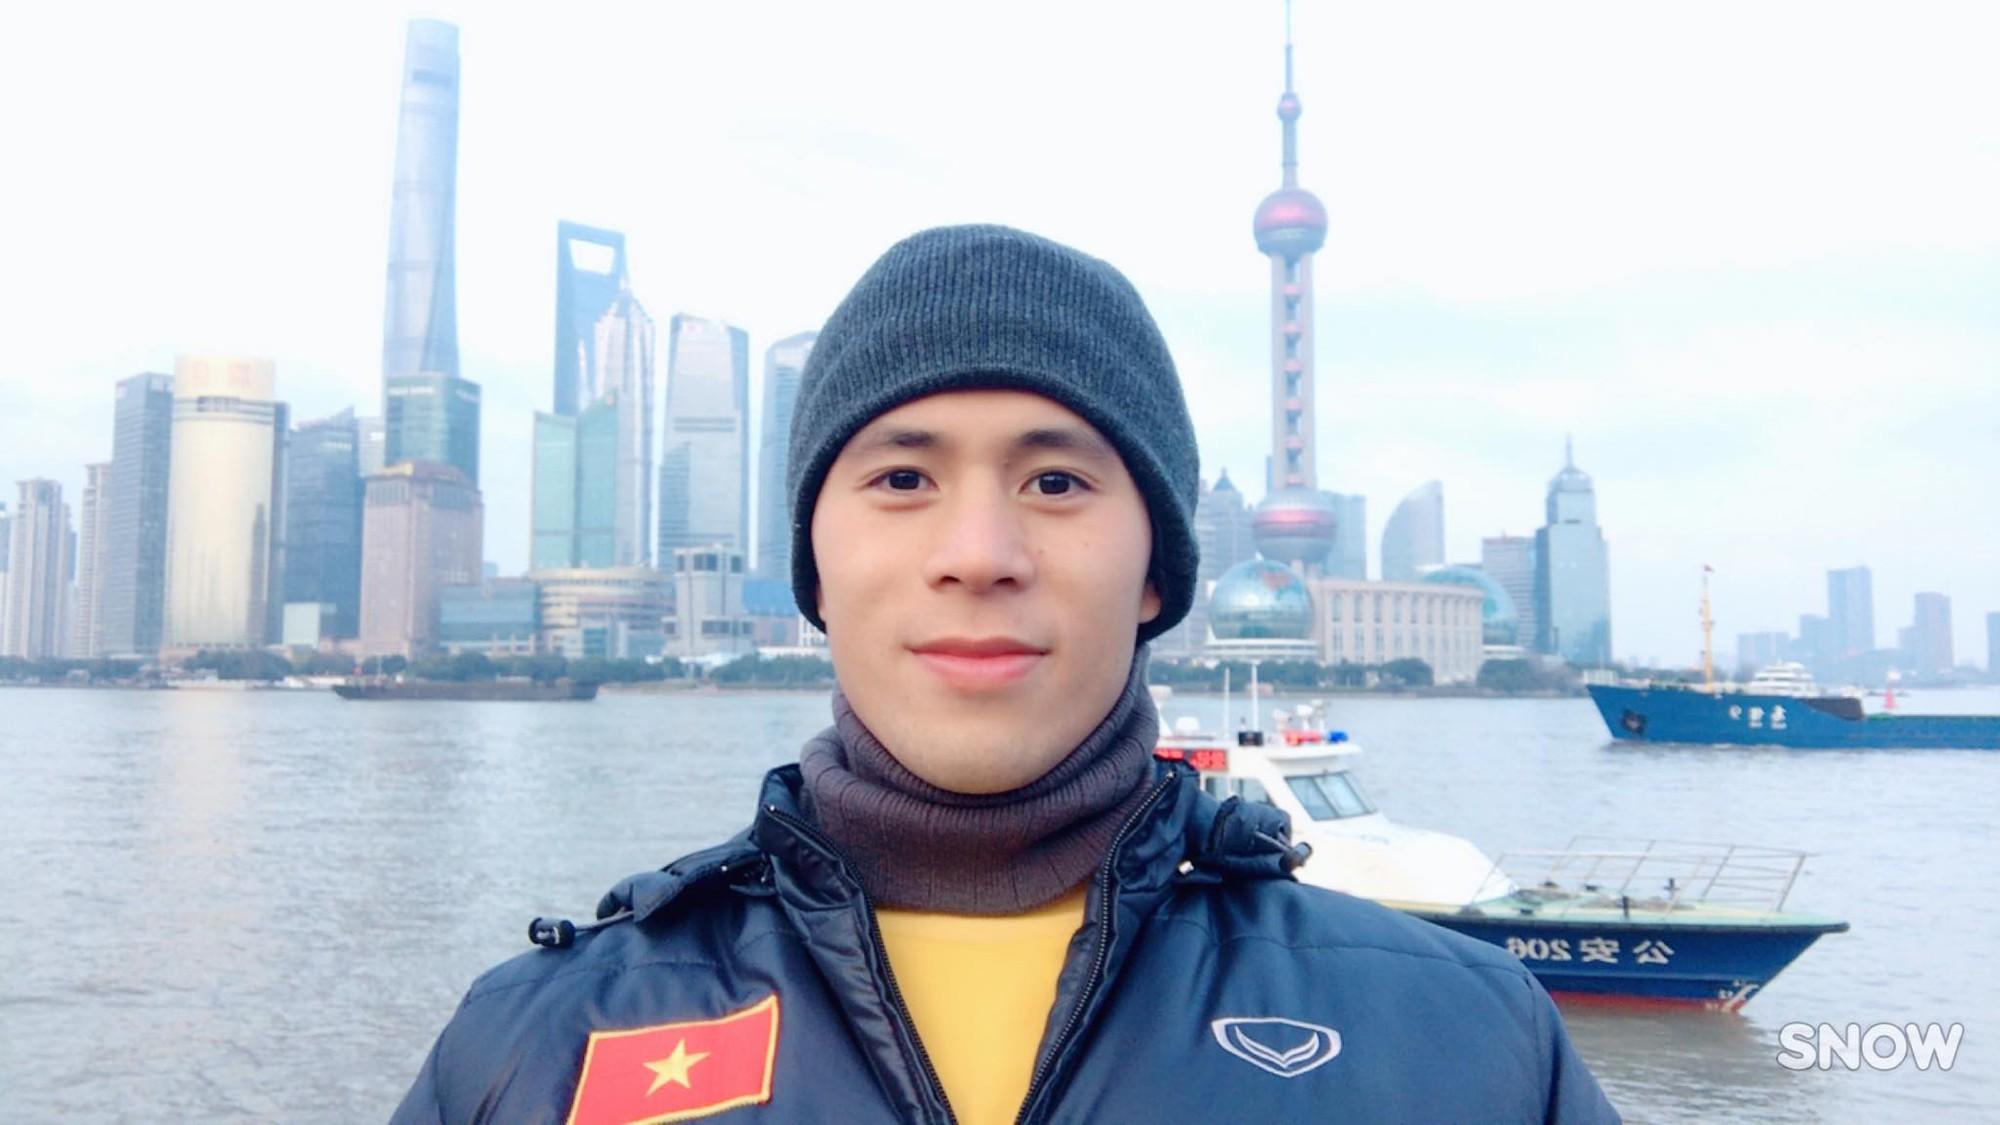 Fangirl đang gọi tên Đình Trọng - chàng cầu thủ sở hữu gương mặt đẹp trai và cực dễ mến - Ảnh 6.